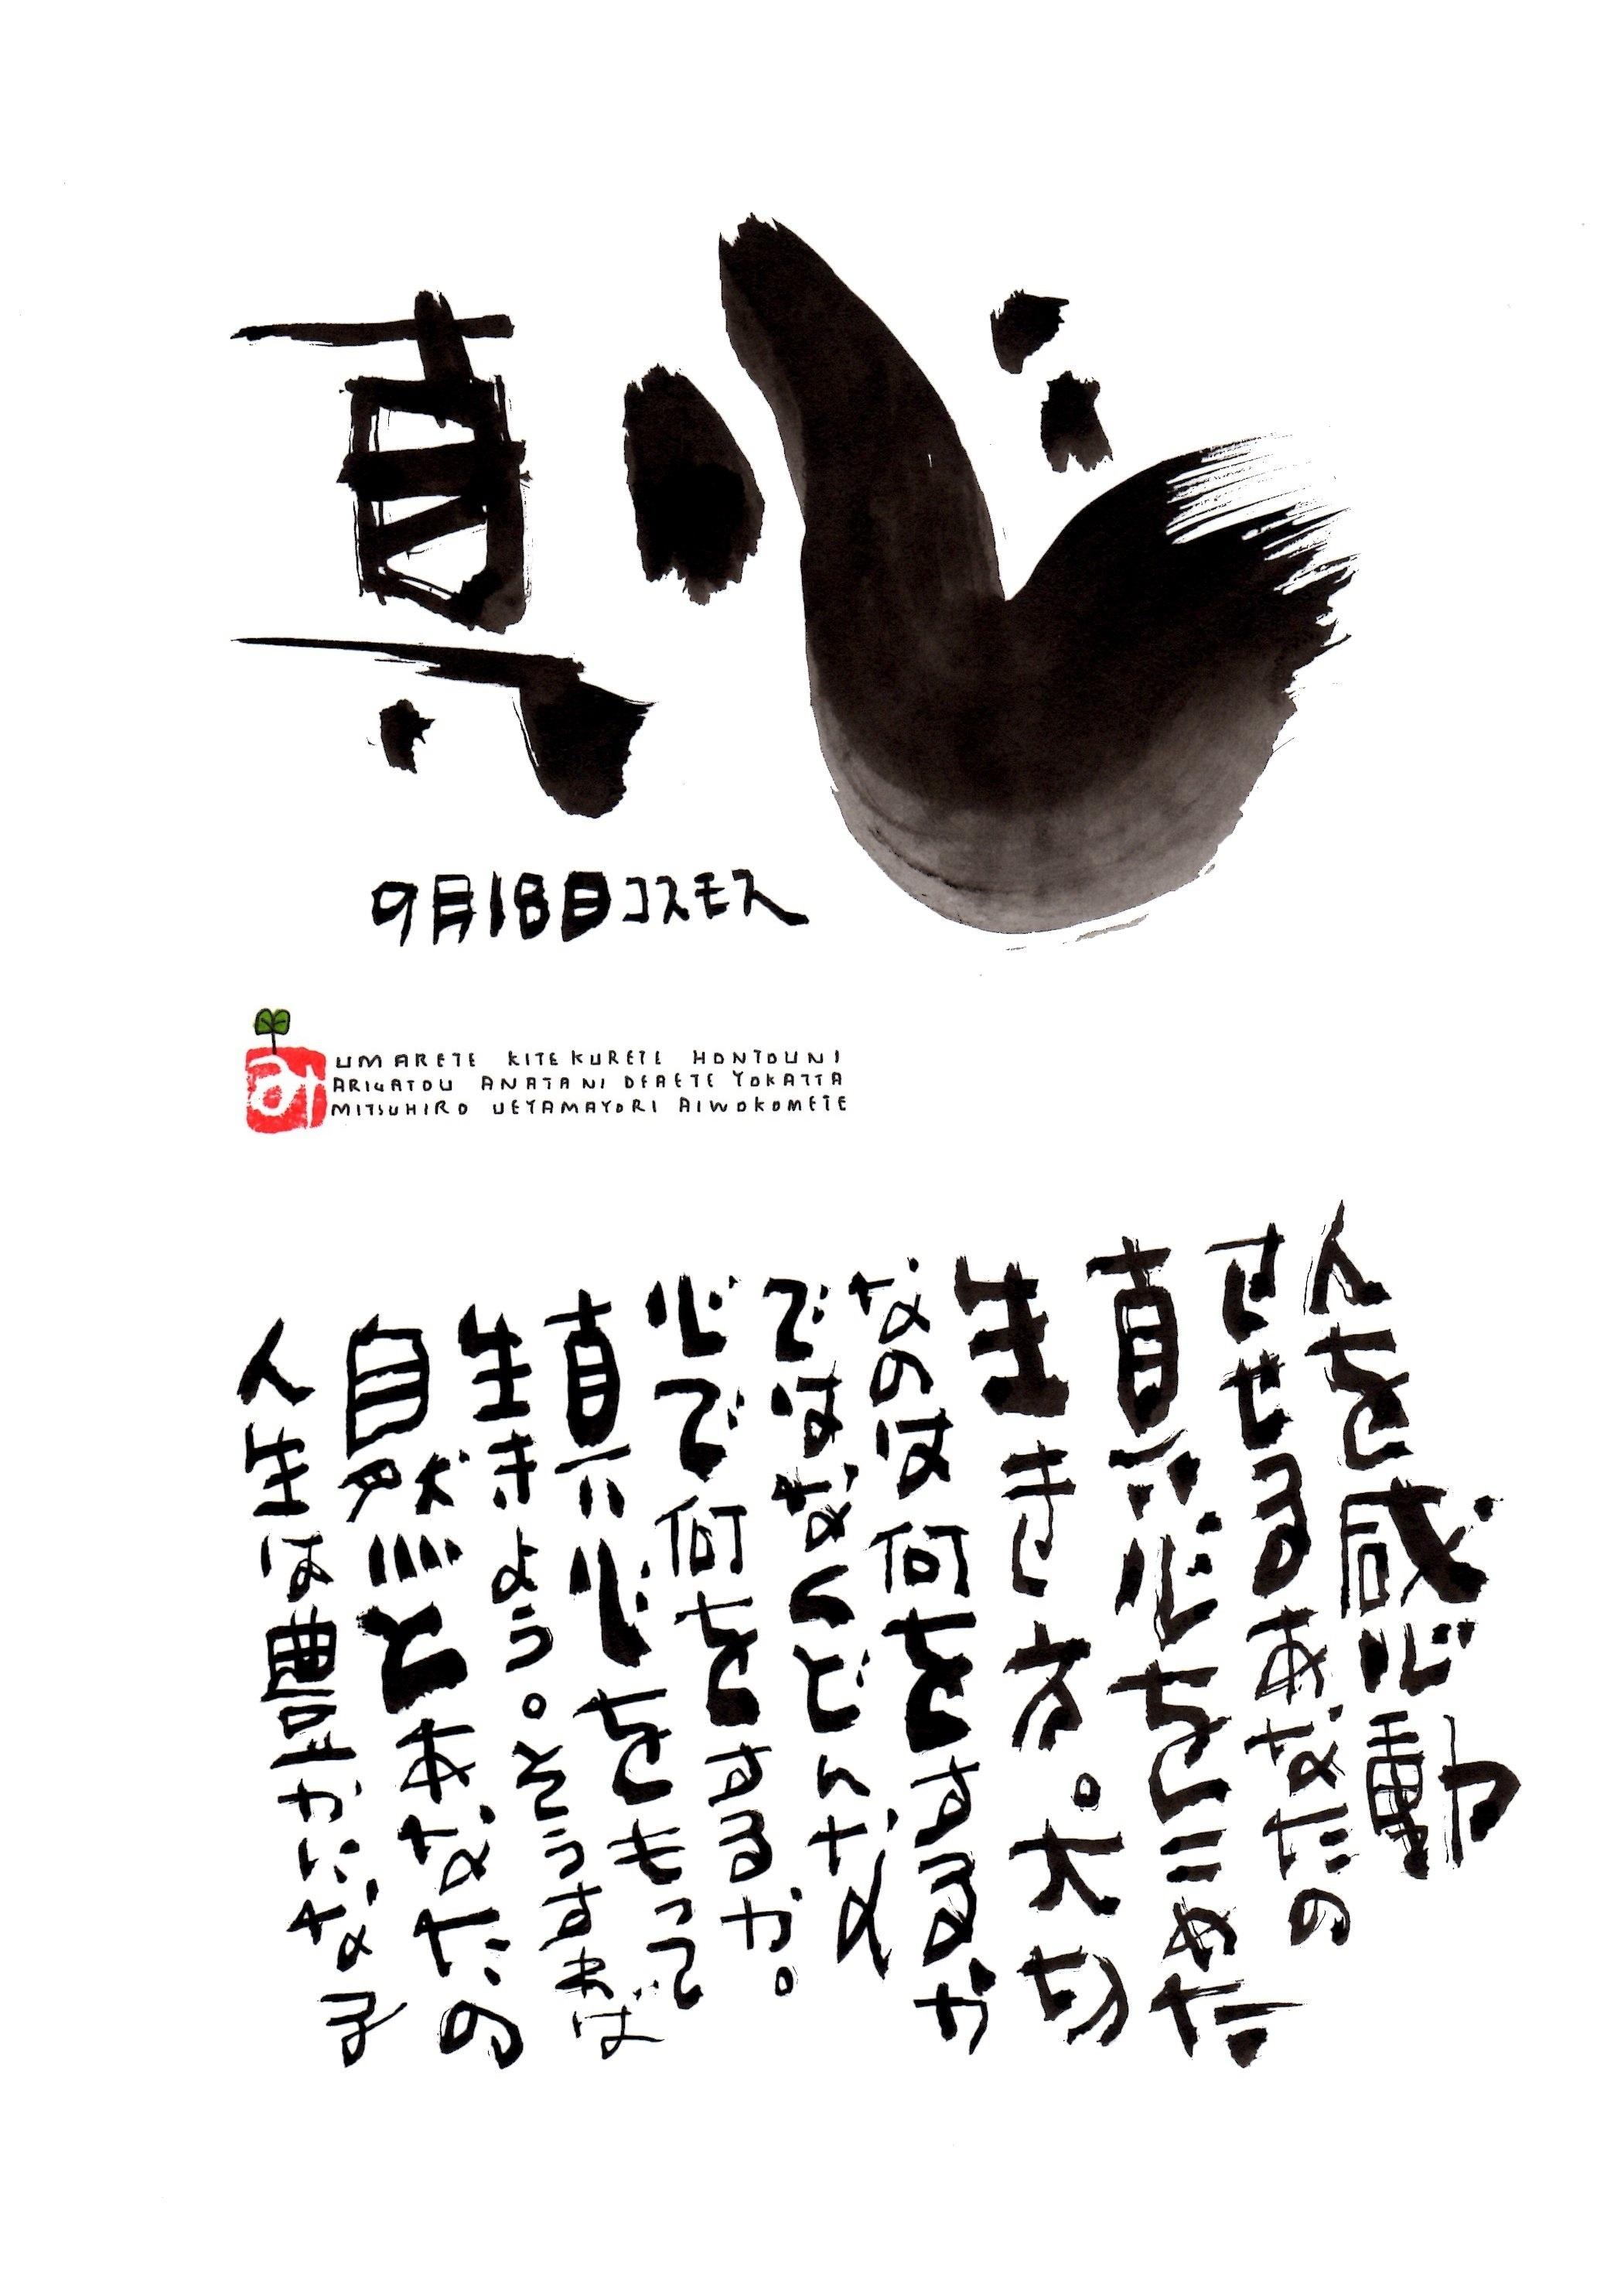 9月18日 誕生日ポストカード【真心】Sincerity